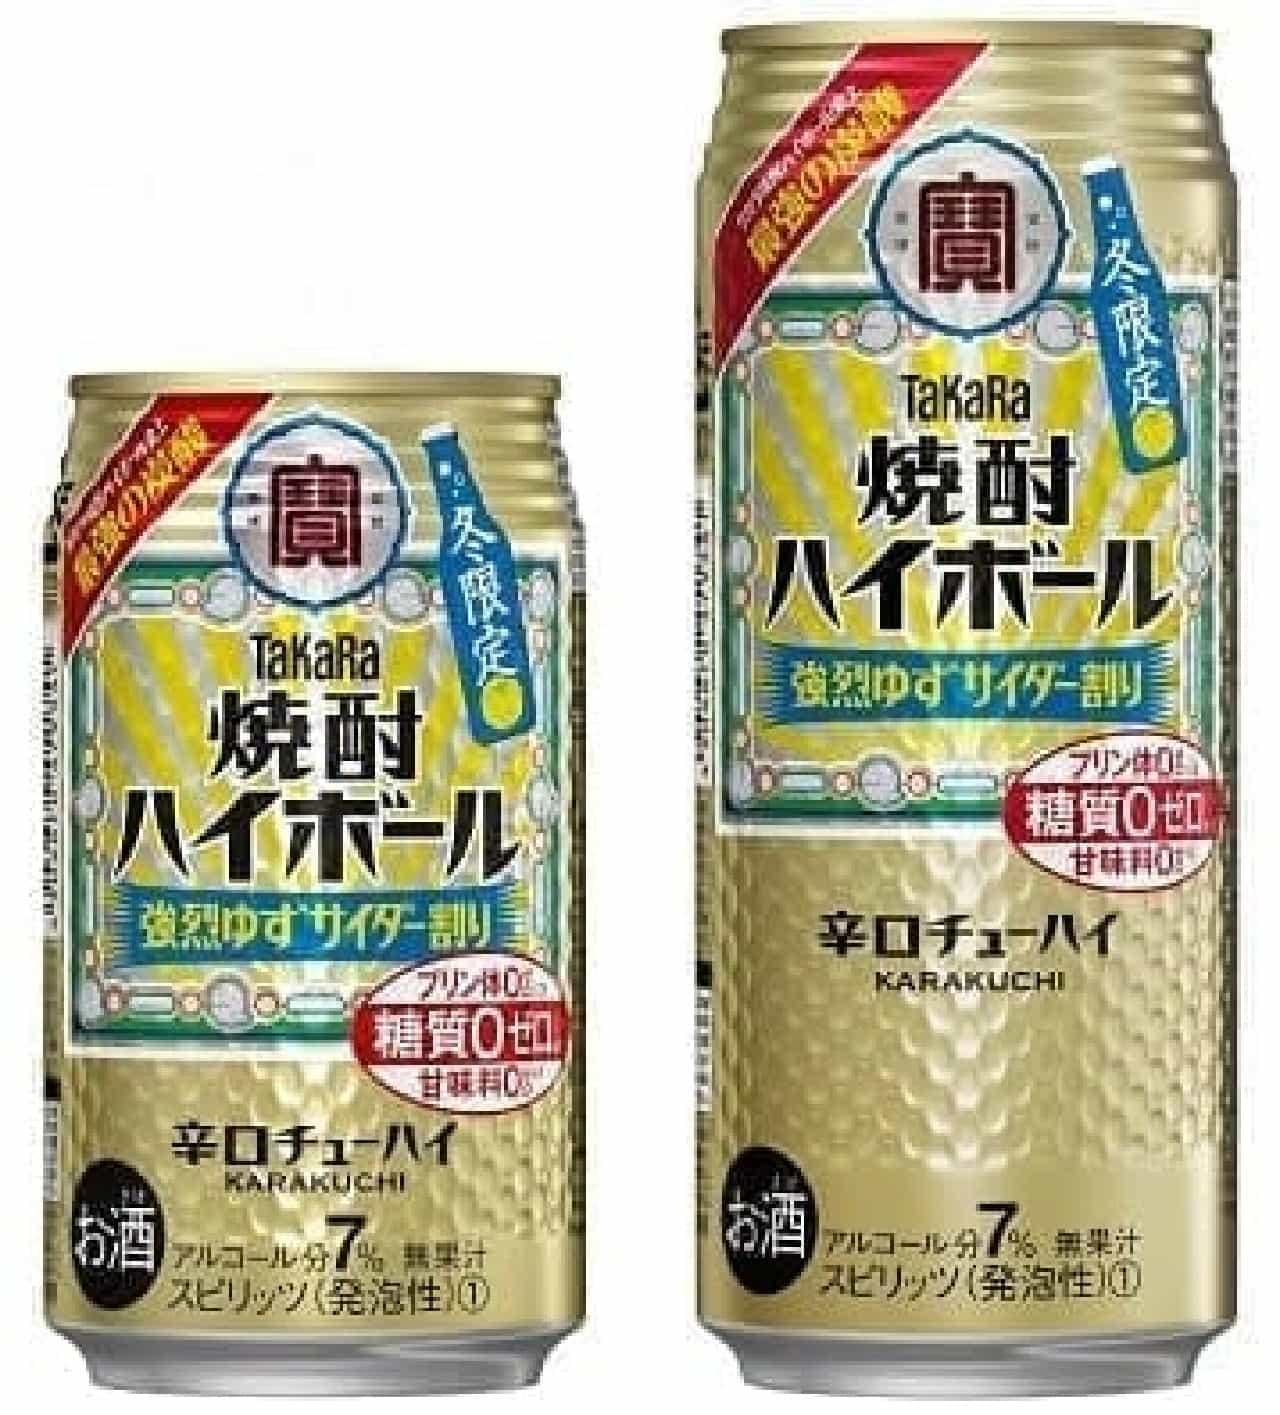 宝酒造「タカラ『焼酎ハイボール』<強烈ゆずサイダー割り>」